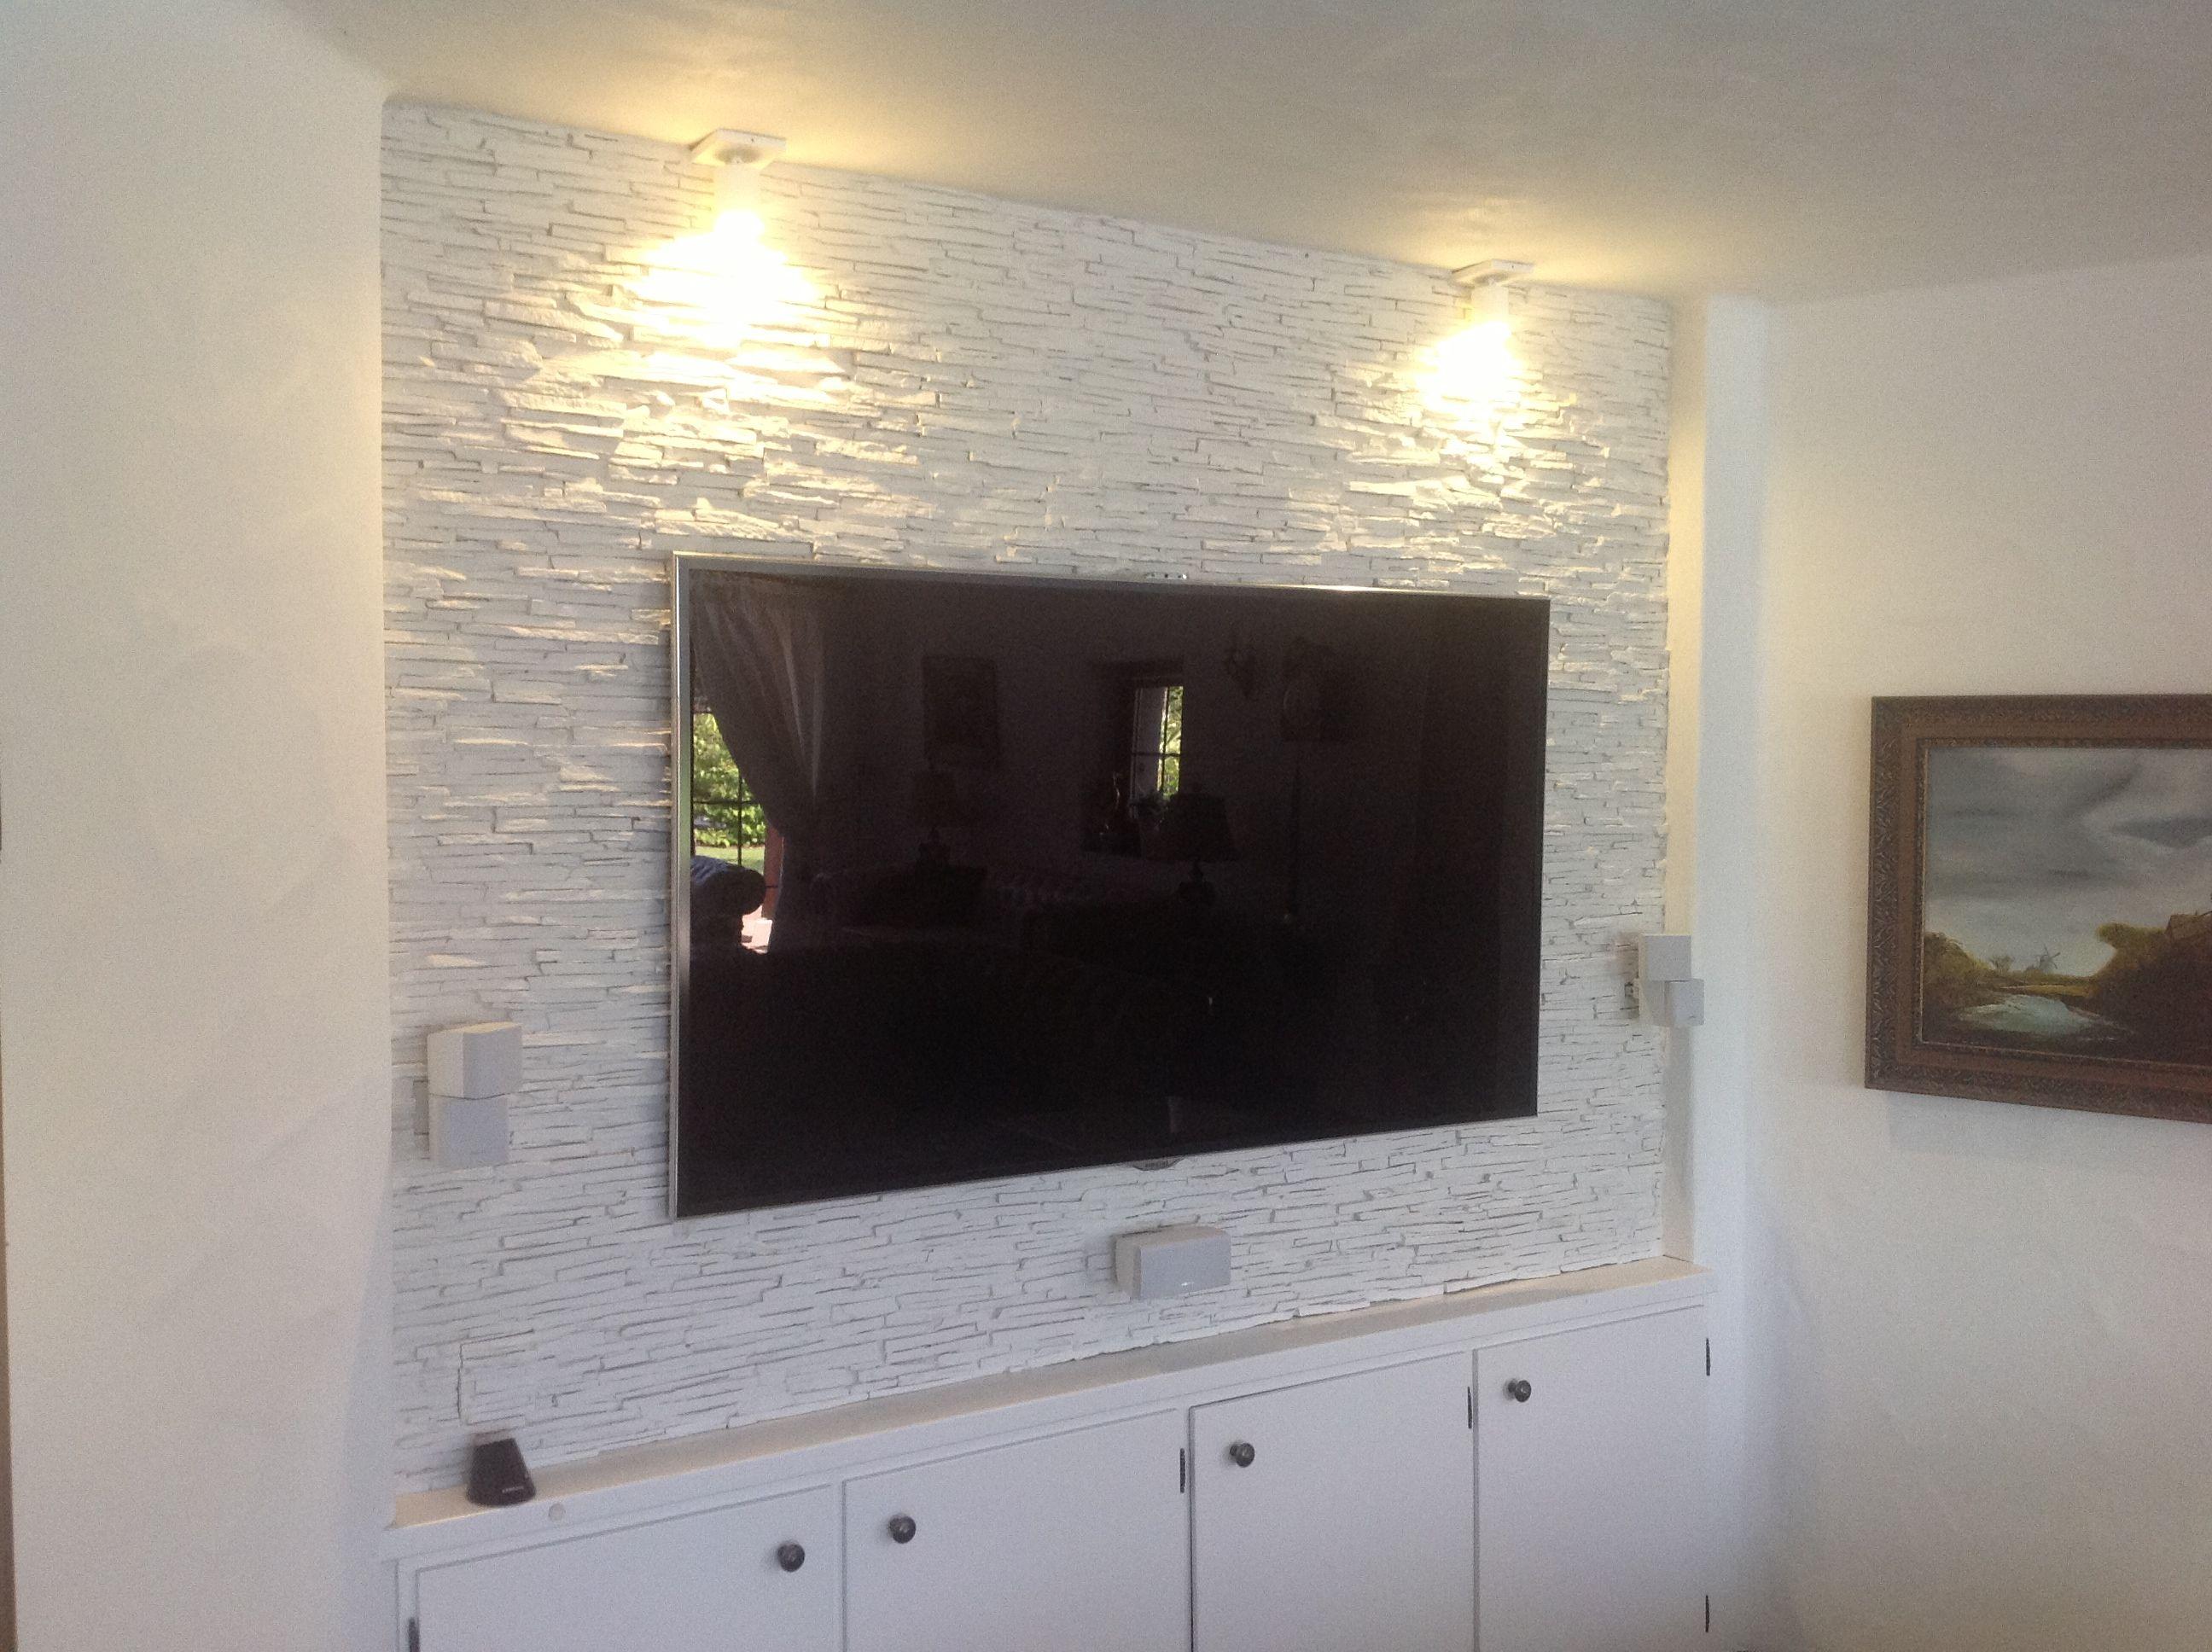 Fernsehwand Steinoptik In 6 Std Bauen Steinverkleidung Fernsehwand Steinoptik